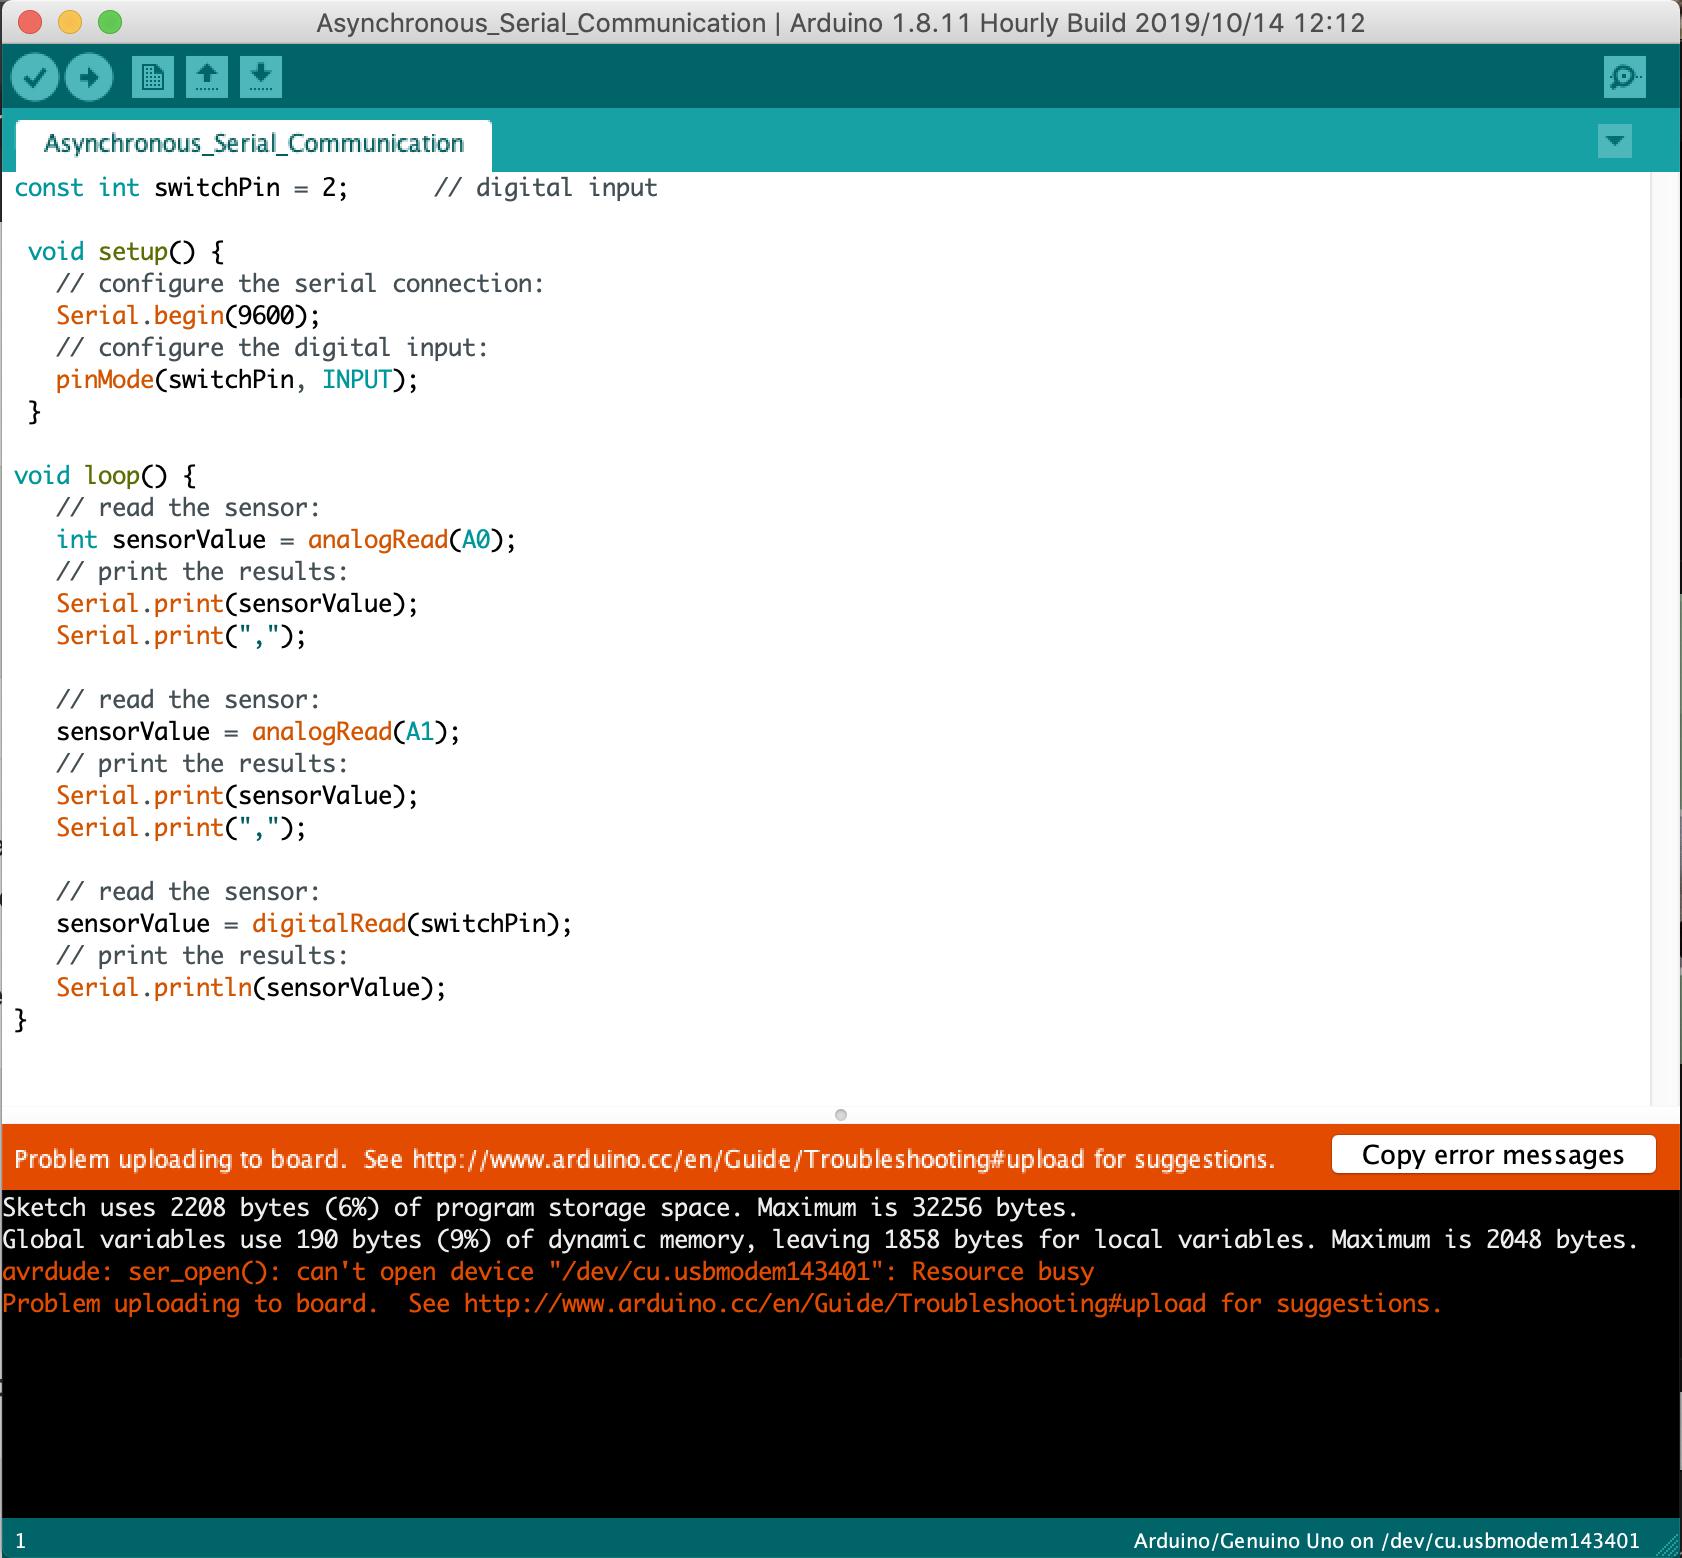 1st Arduino Error: